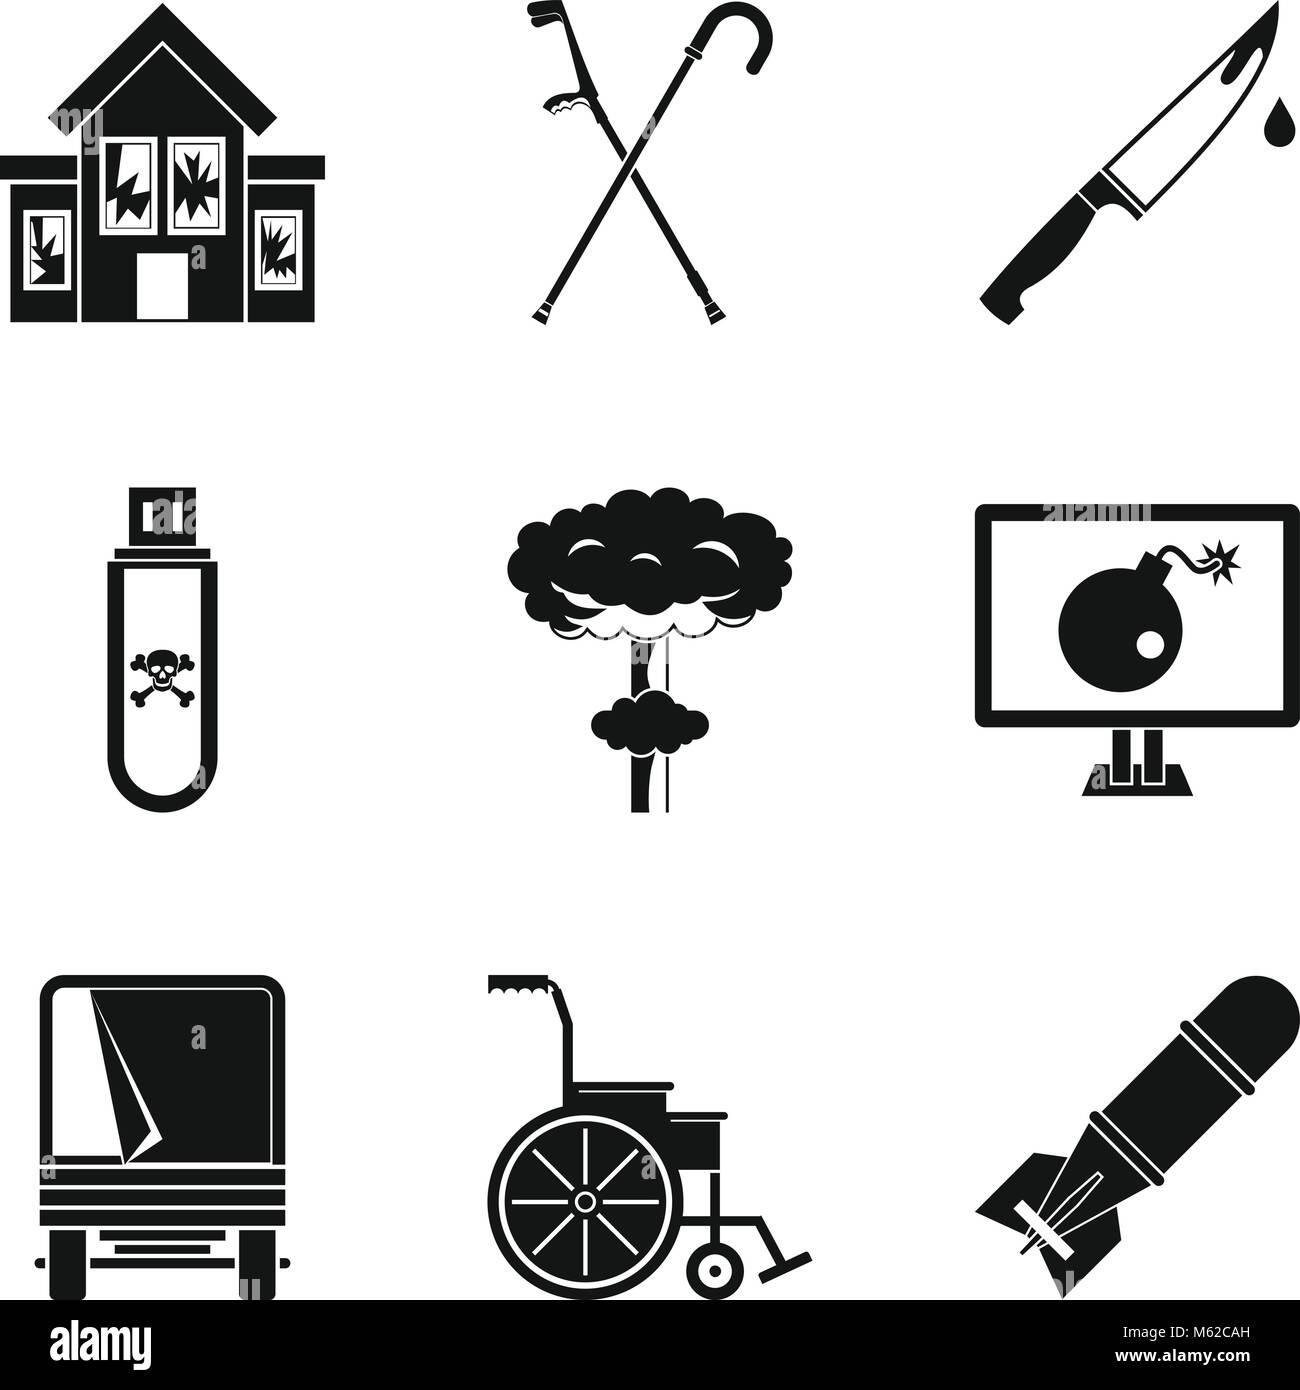 Groß Ac Schematische Symbole Bilder - Elektrische Schaltplan-Ideen ...